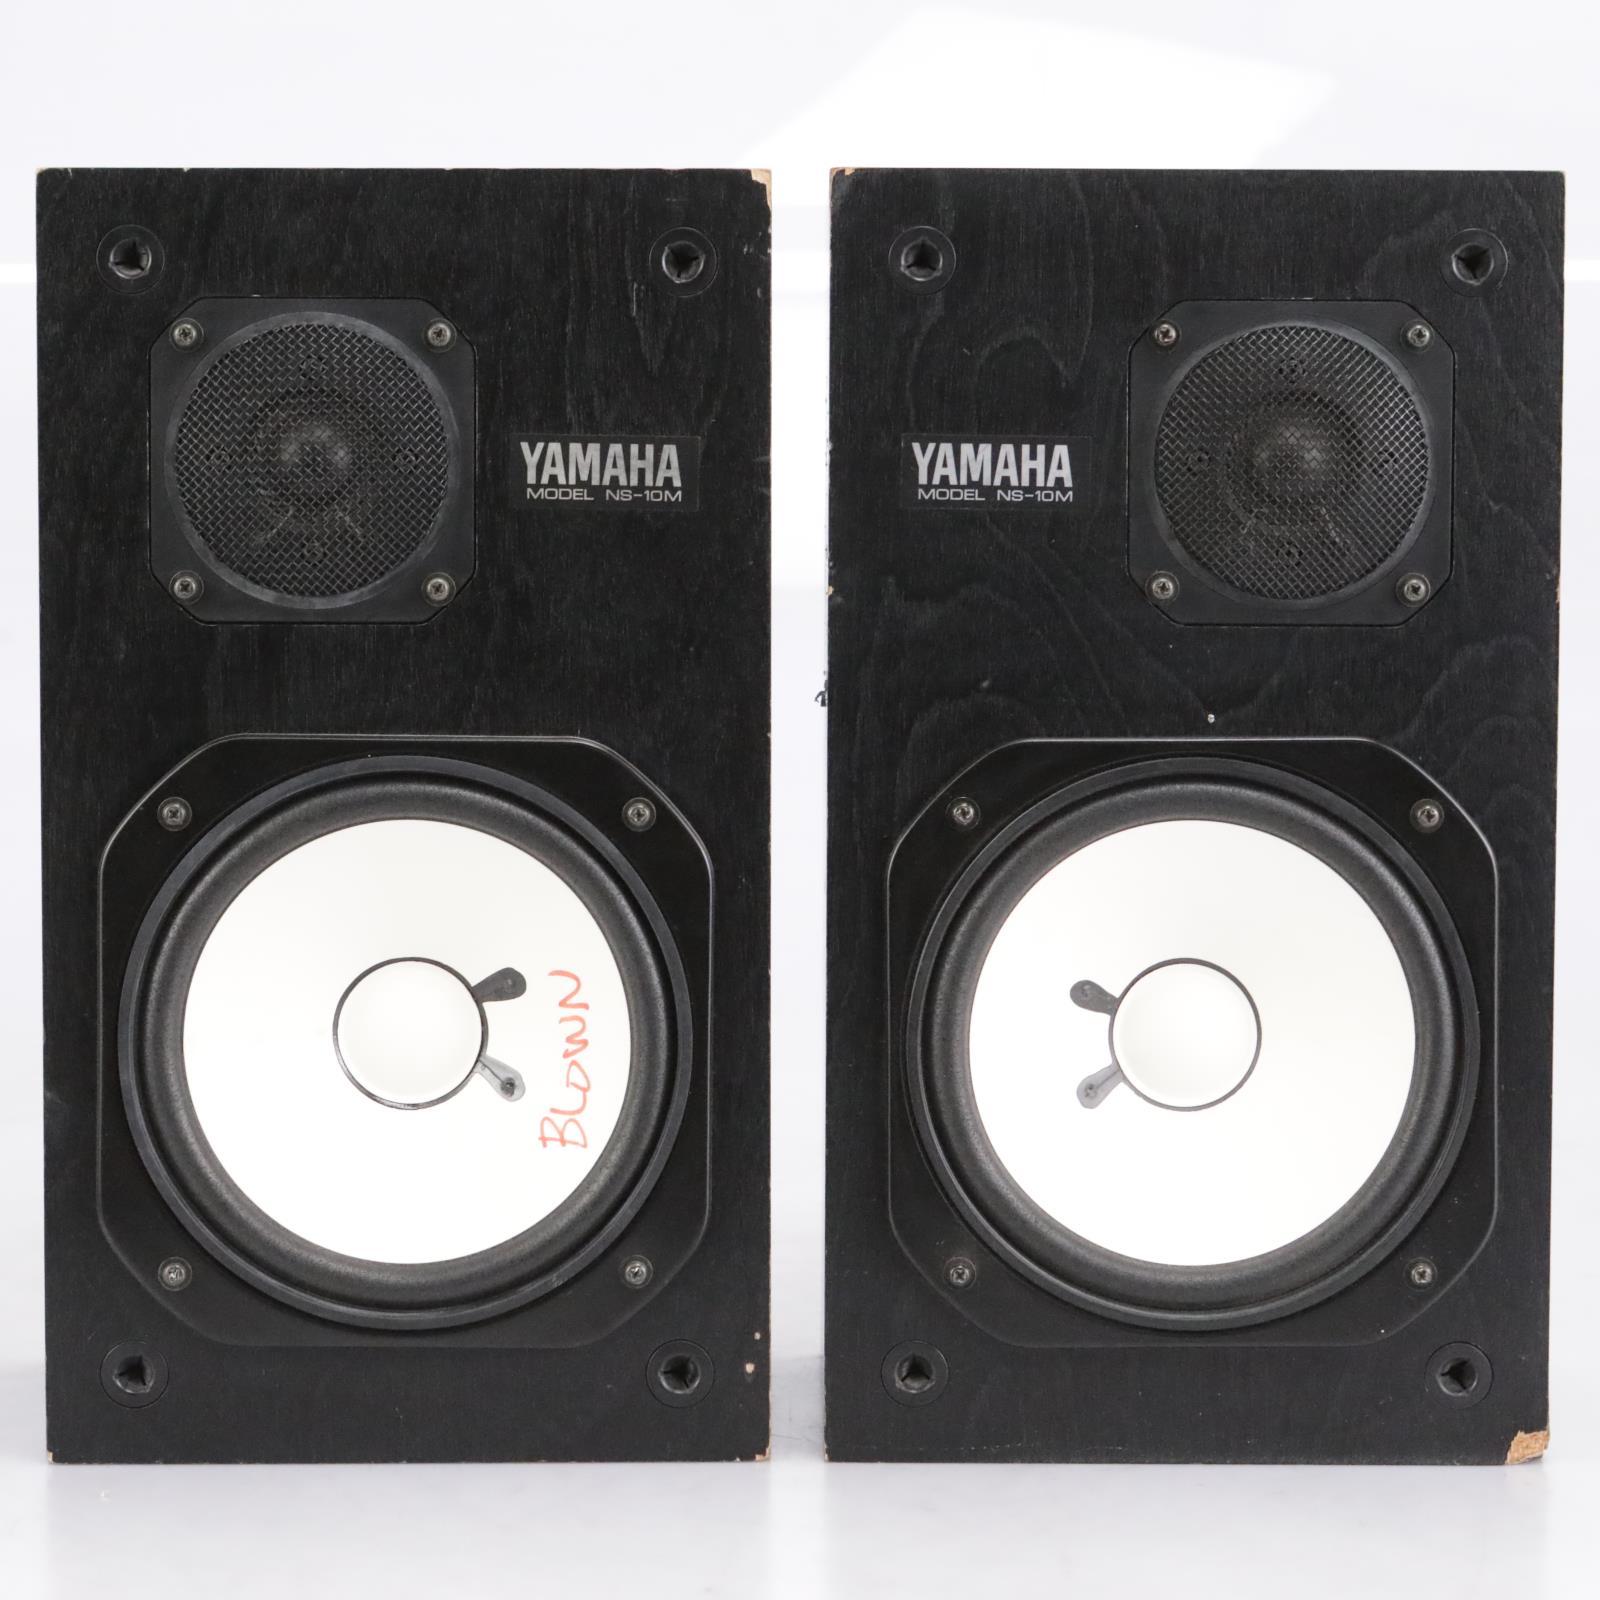 Yamaha NS-10M Monitor Studio Speakers One Blown Sub #42650